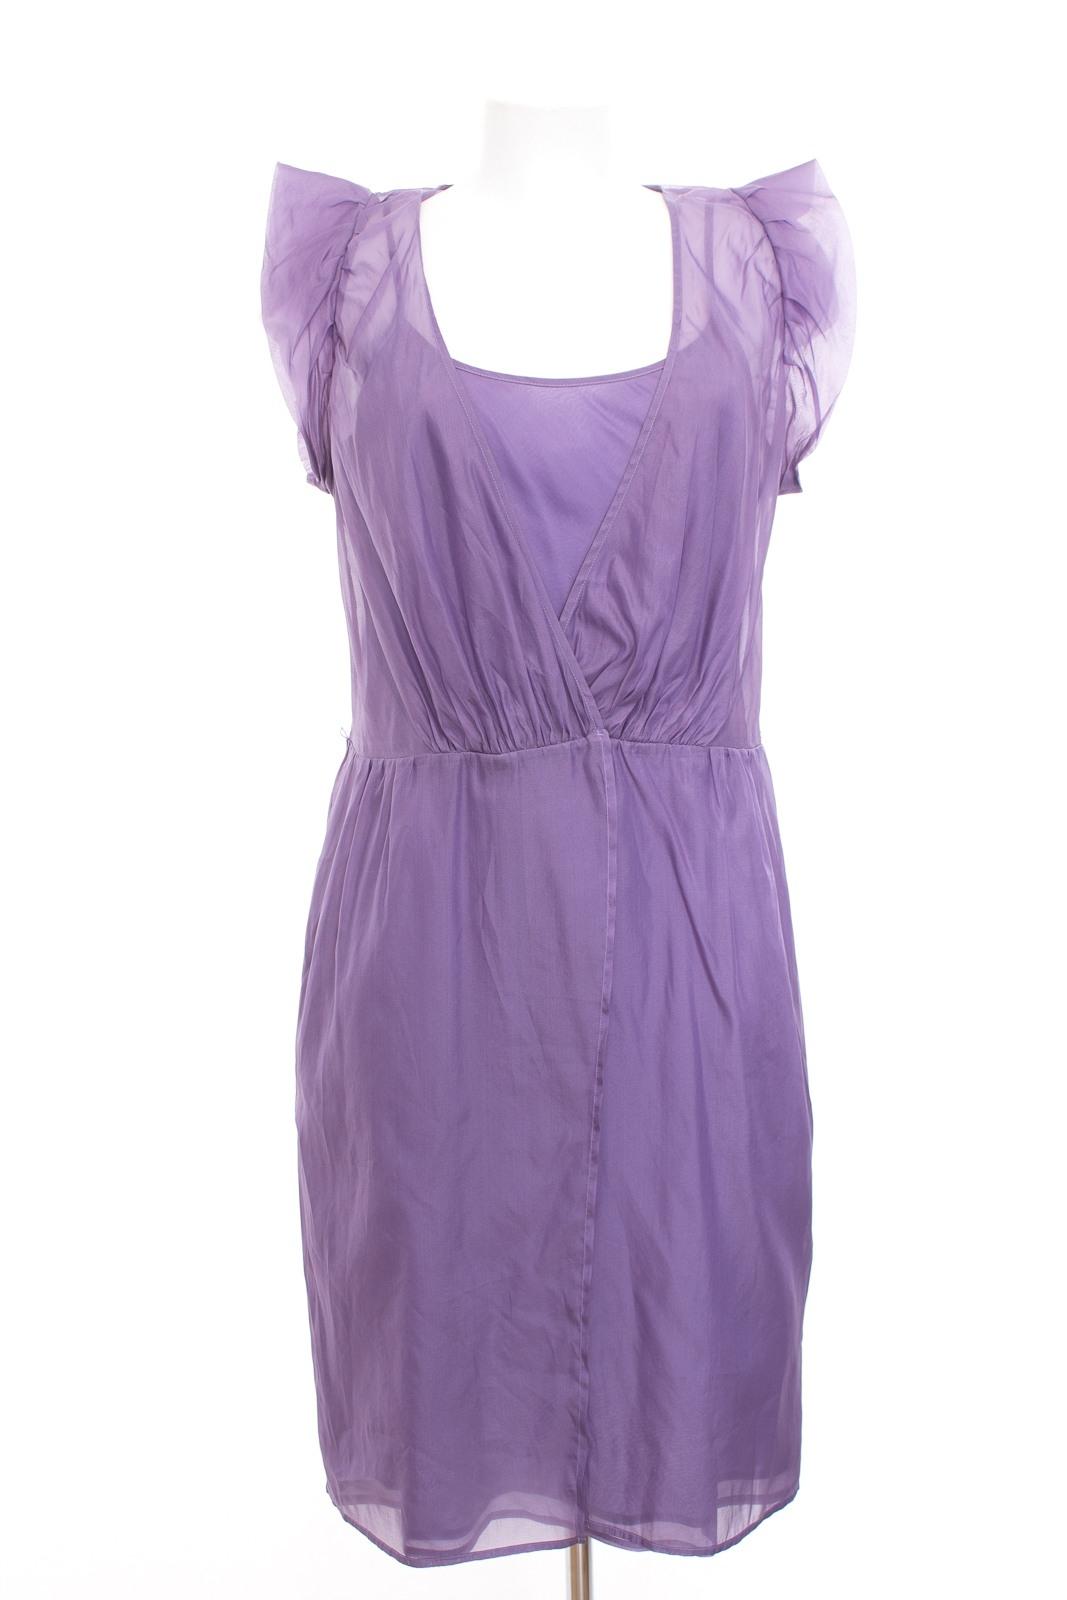 15 Leicht Sommerkleid Gr 42 Boutique Elegant Sommerkleid Gr 42 Bester Preis